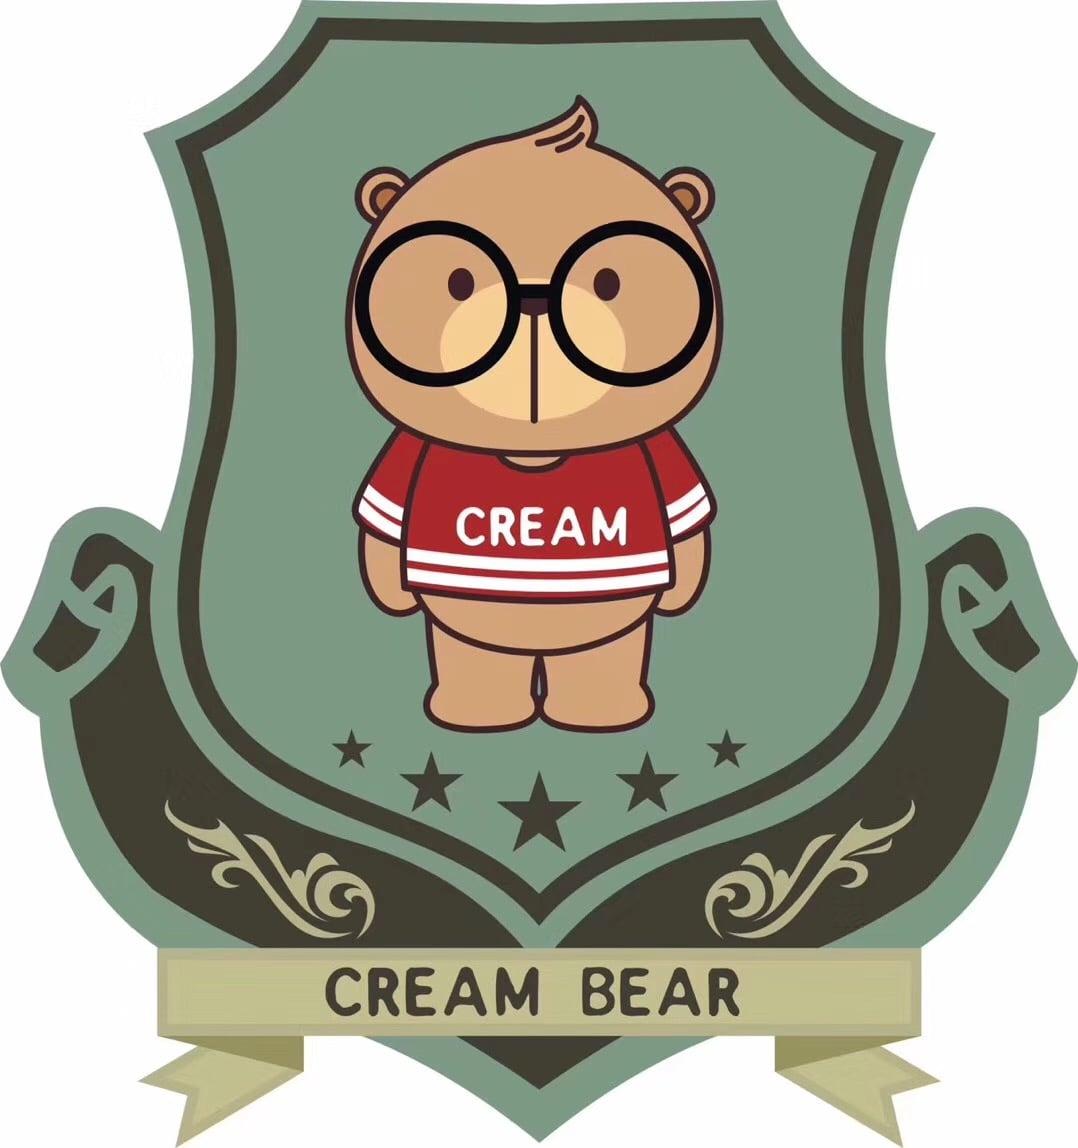 Sammao & CreamBear